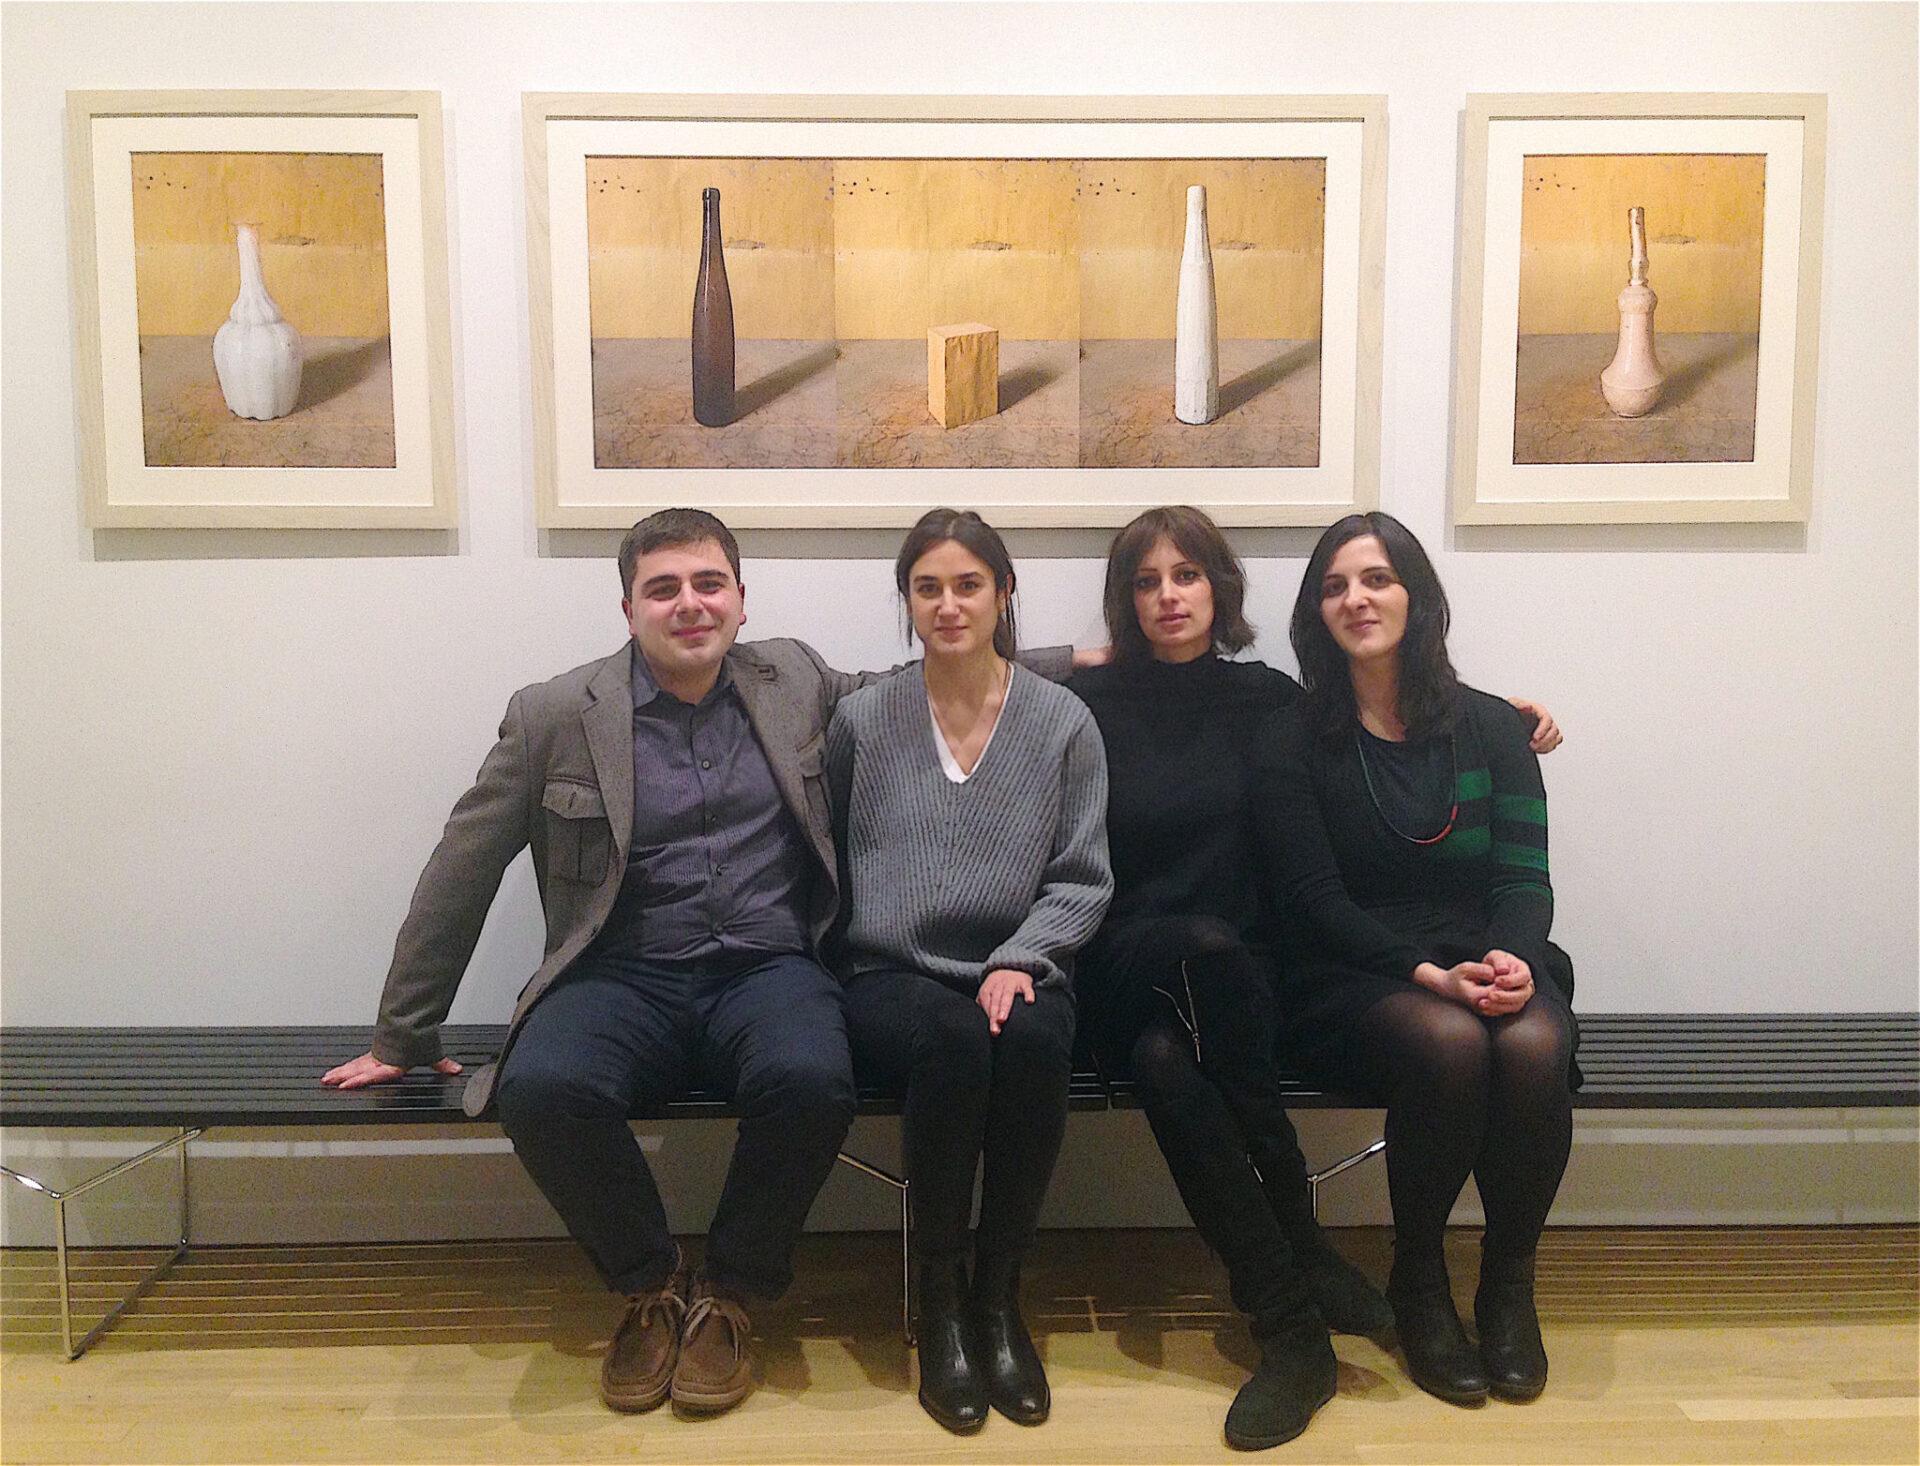 CIMA's 2015-16 Fellows: Nicola Lucchi, Matilde Guidelli-Guidi, Nicol Mocchi, and Lucia Piccioni